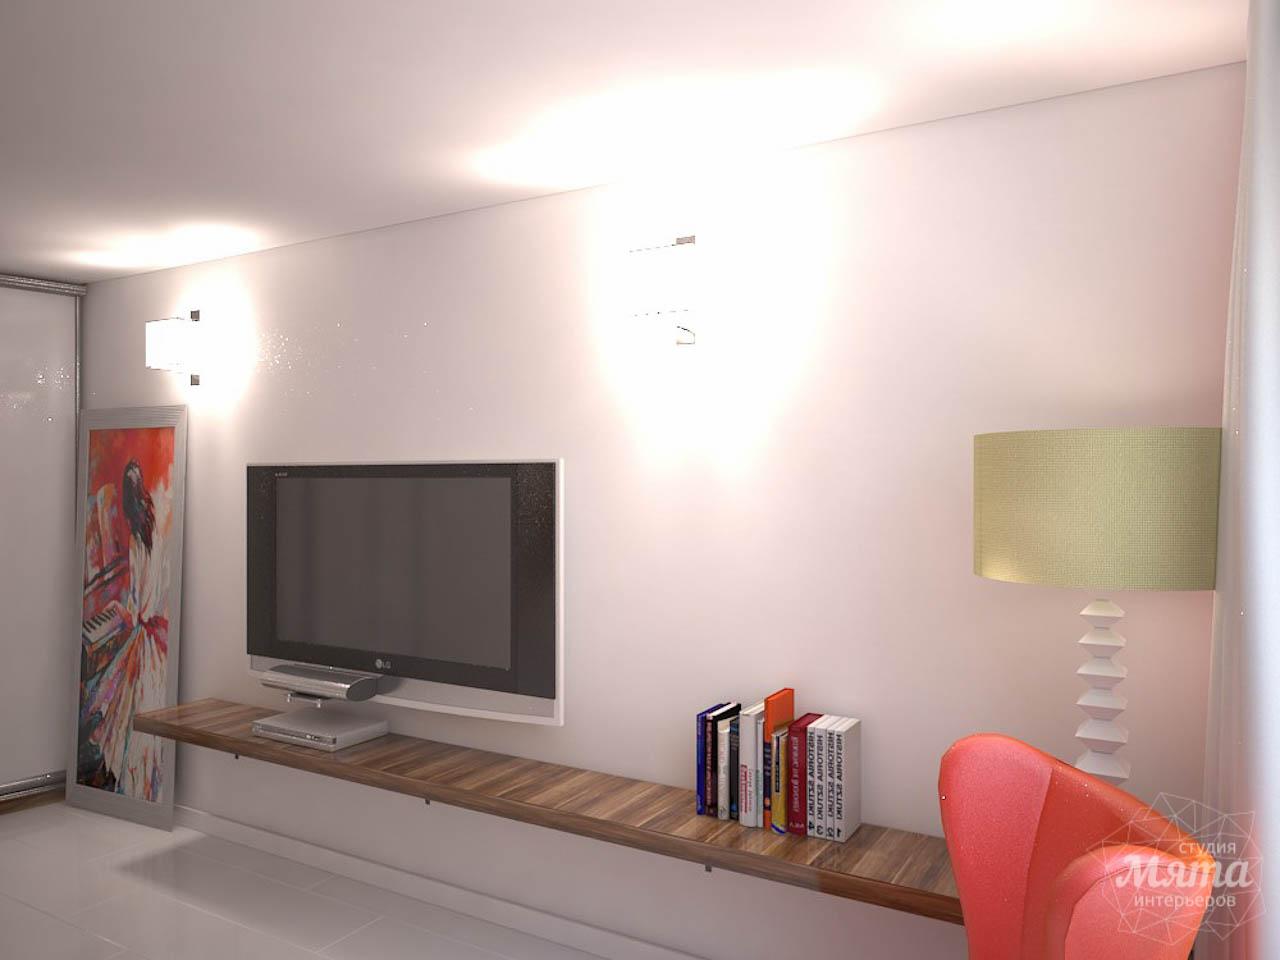 Дизайн интерьера однокомнатной квартиры в стиле минимализм по ул. Чапаева 30 img1172018462